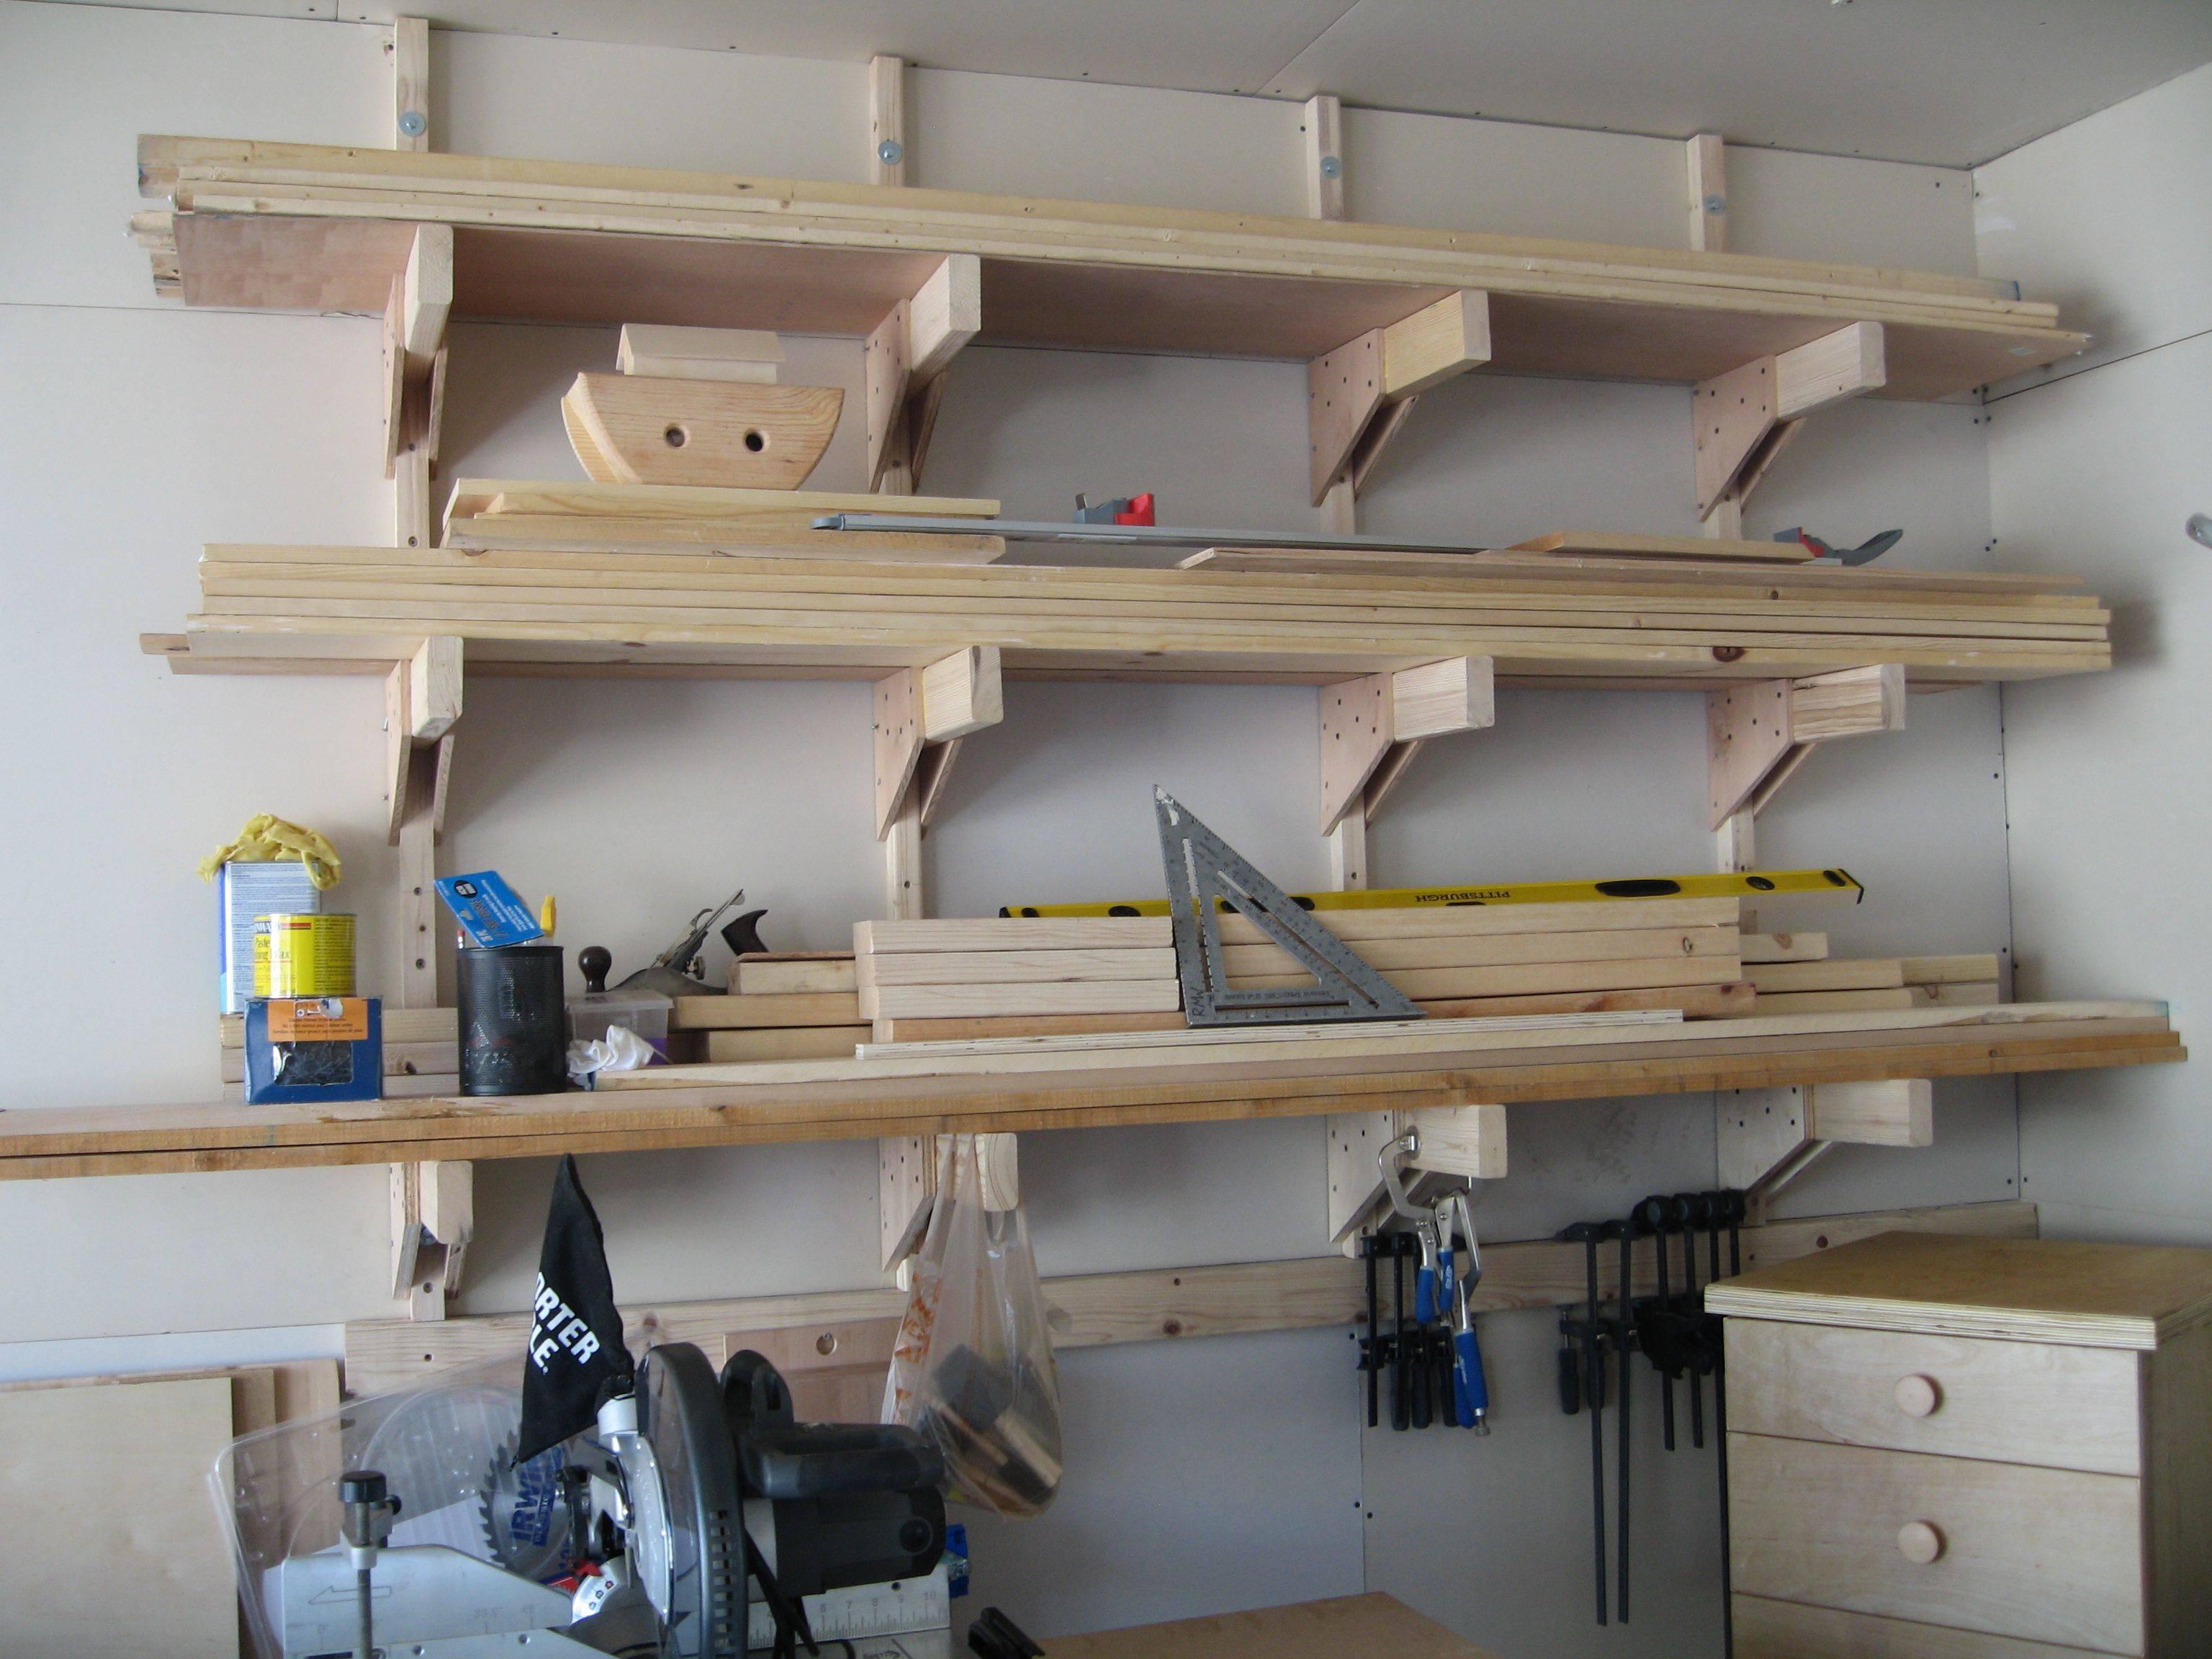 Полки в гараже: как сделать стеллаж для инструмента или колёс своими руками, что понадобится, инструкции по изготовлению